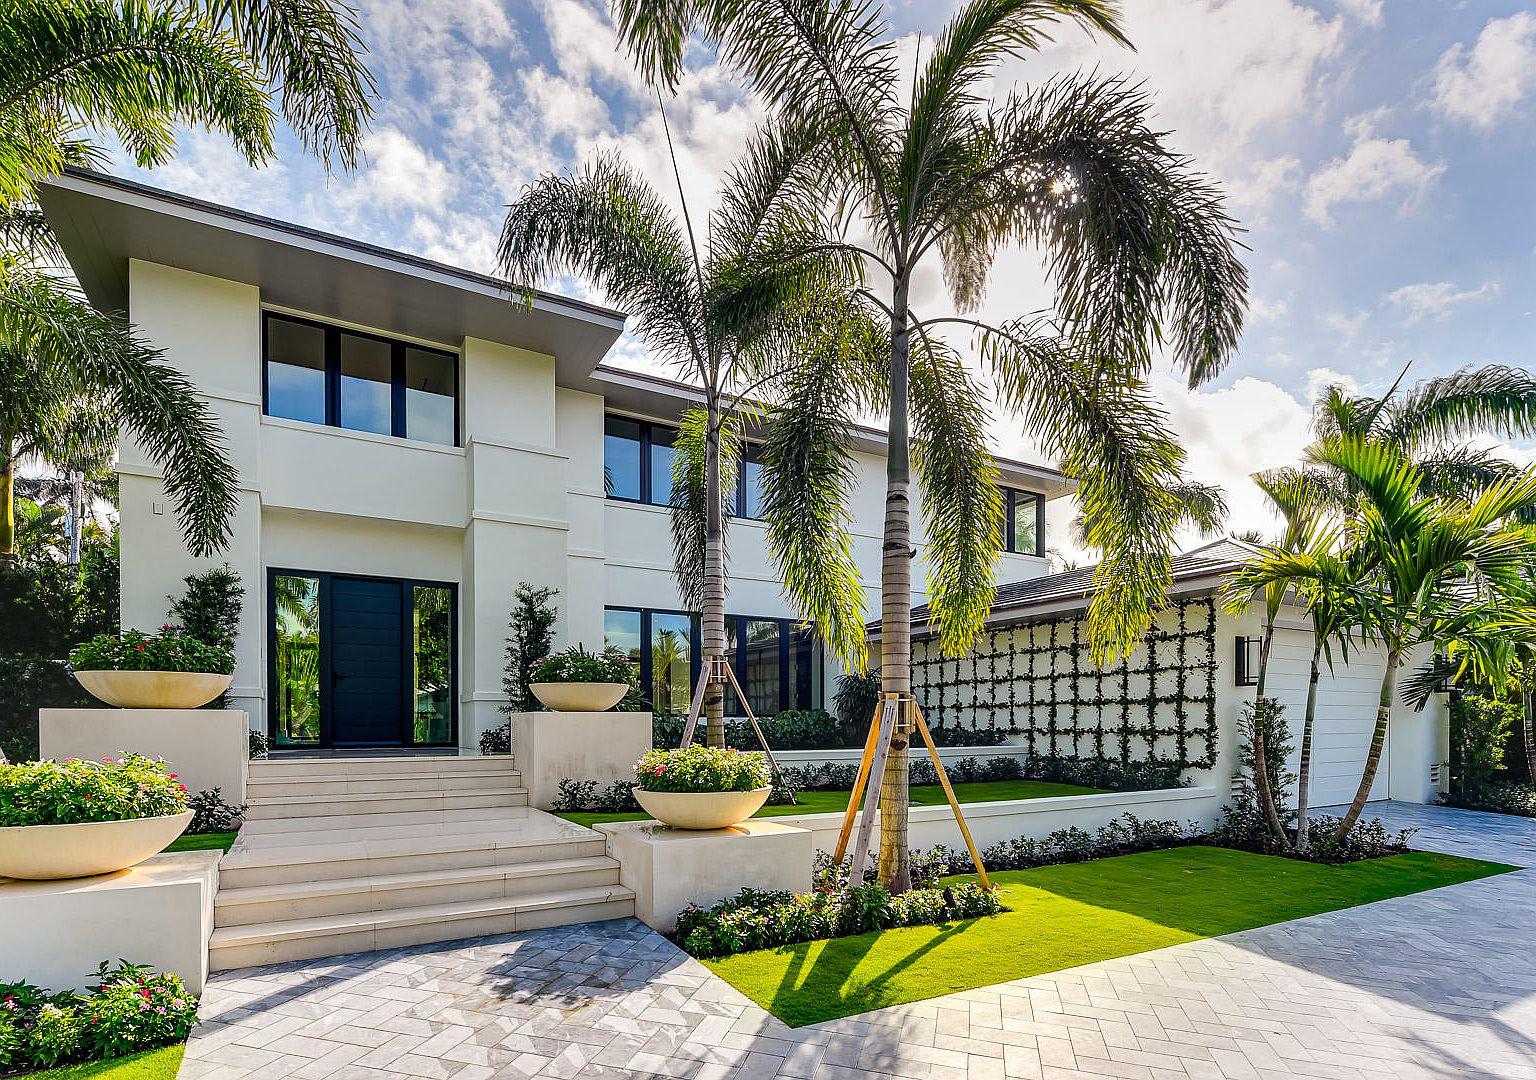 Miraflores Apartments Palm Beach Gardens Fl